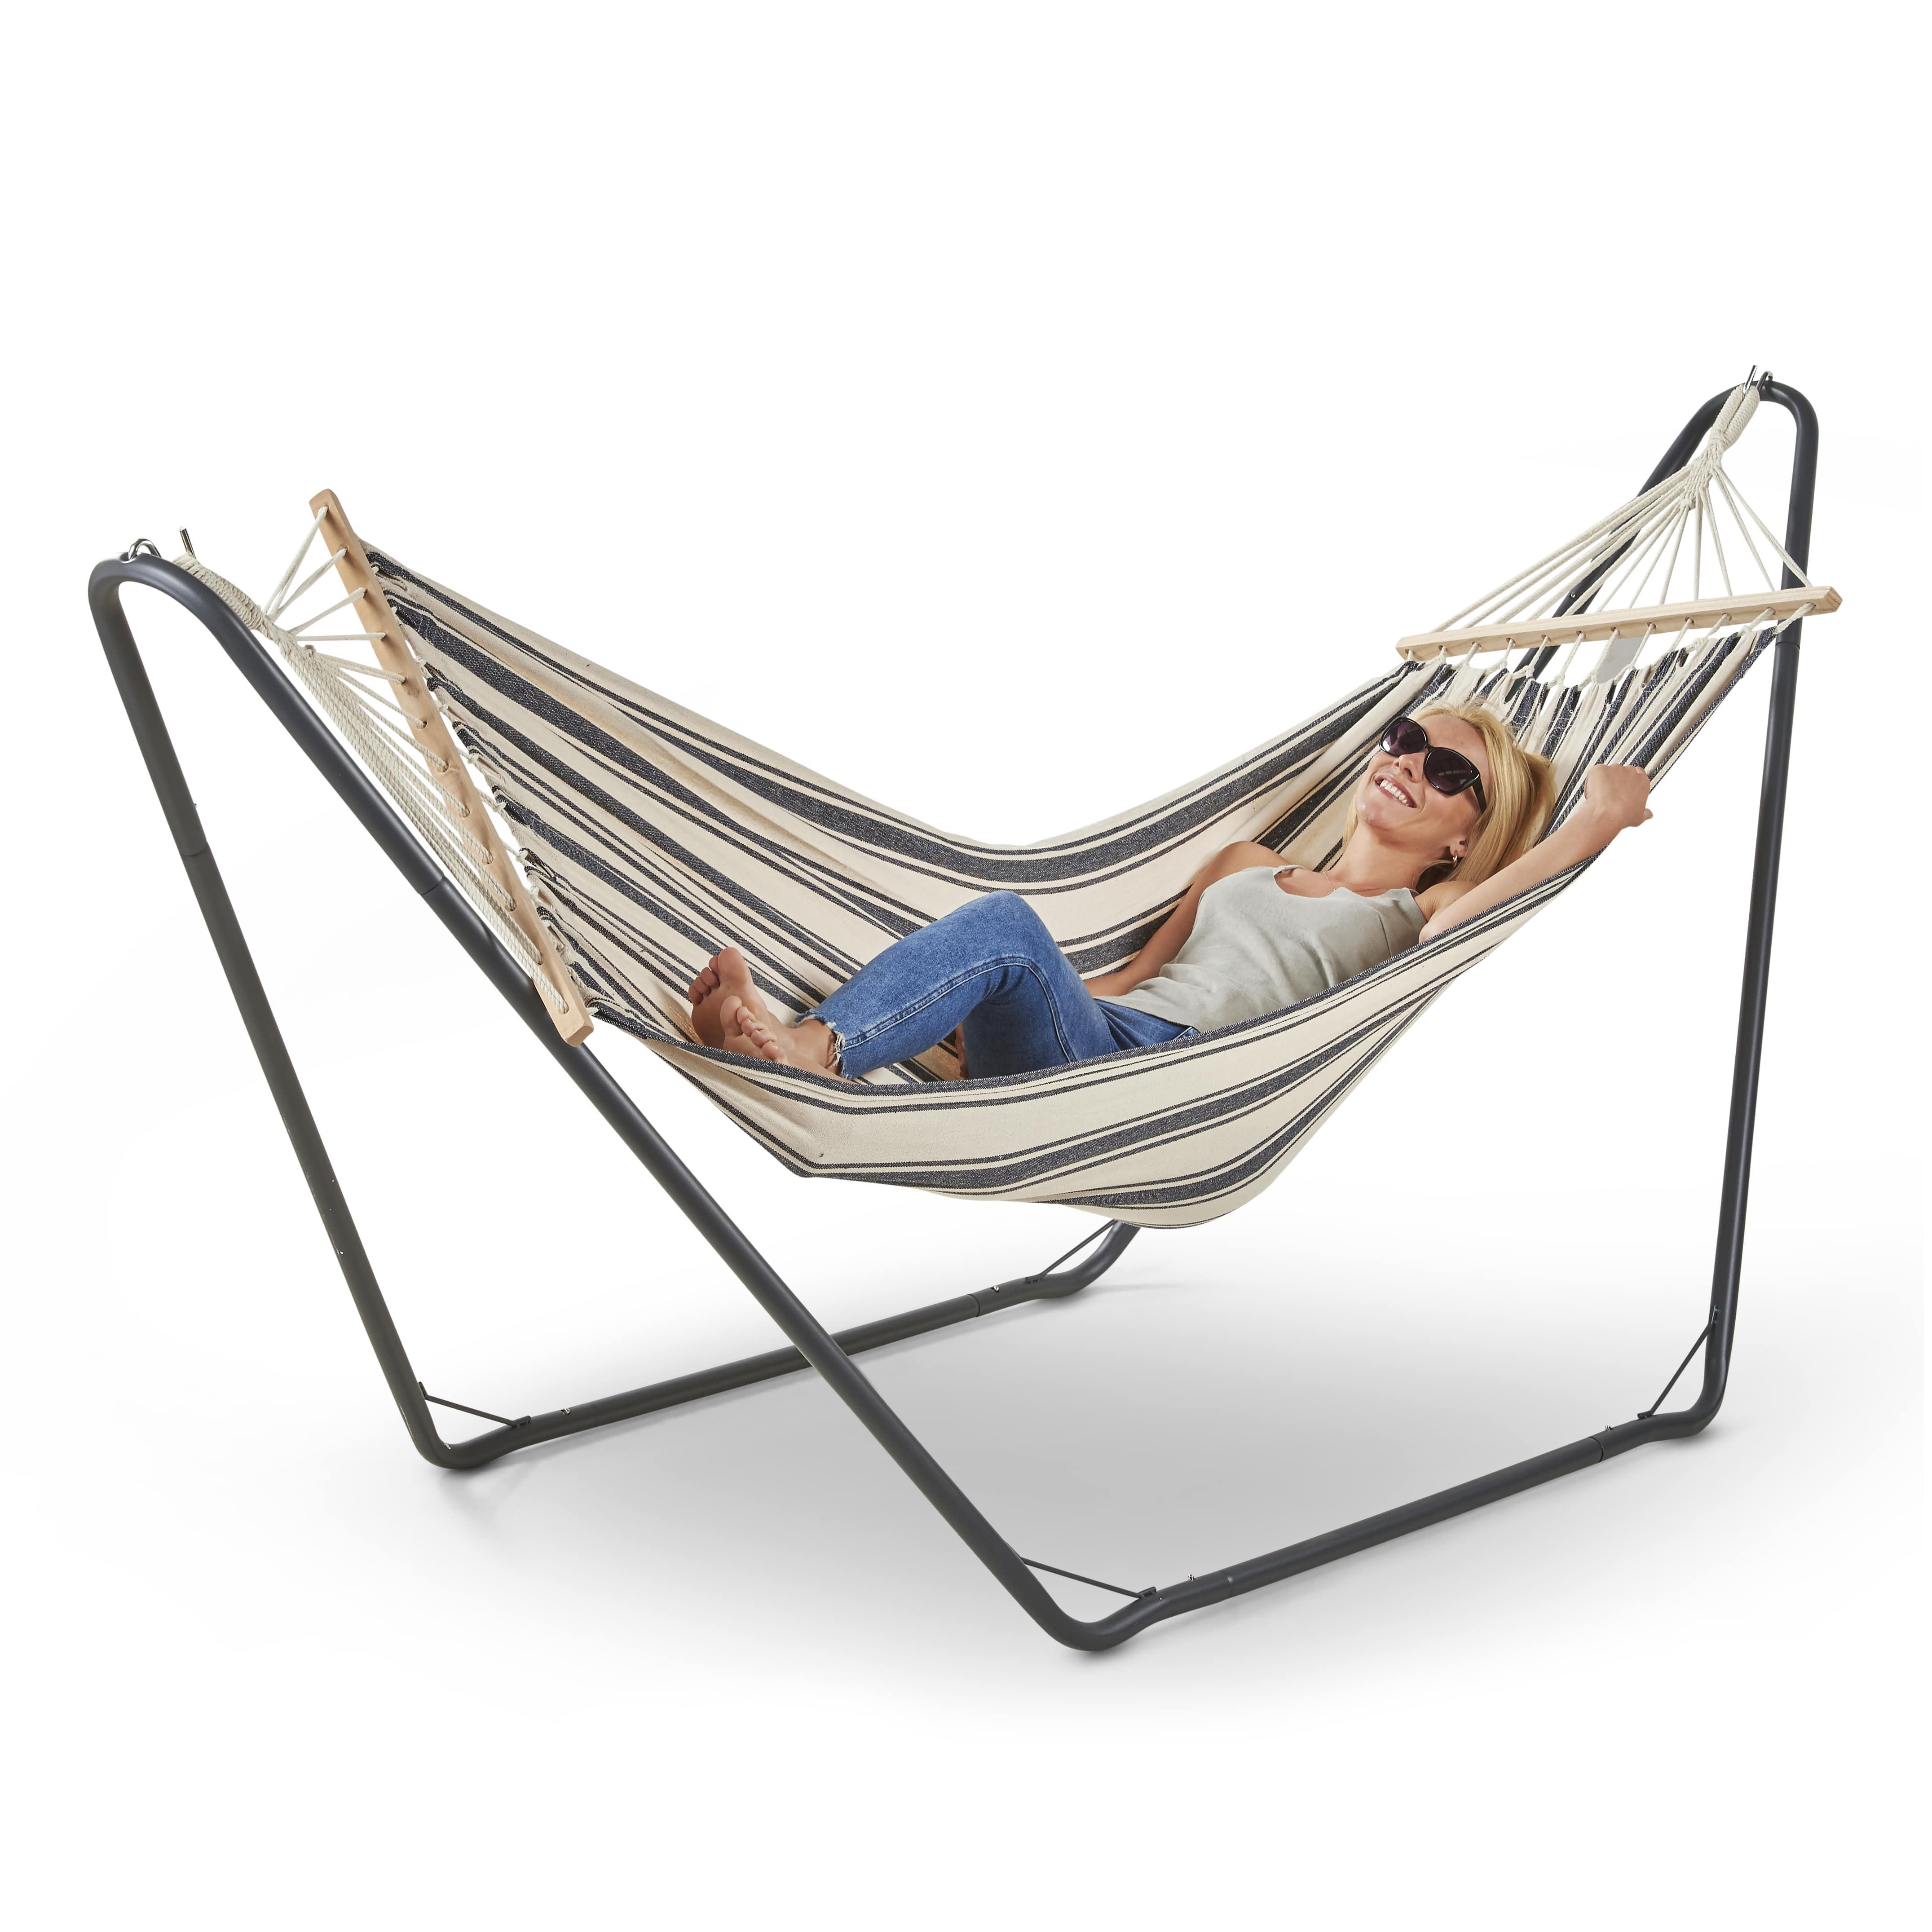 Vonhaus Hammock With Frame Luxury Free Standing Swing Seat